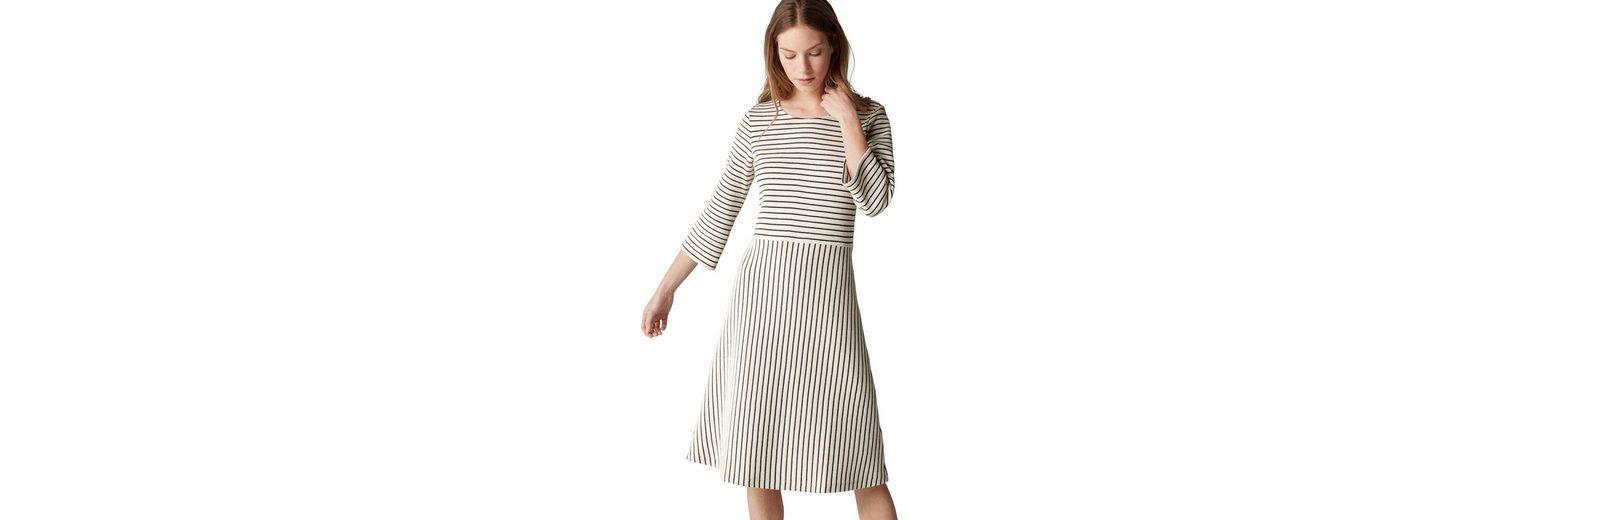 Austrittsstellen Online Marc O'Polo Jerseykleid 2018 Zum Verkauf Zum Verkauf Offizieller Seite Rabatt Besuch Rabatt Beste Preise 76u1gZ